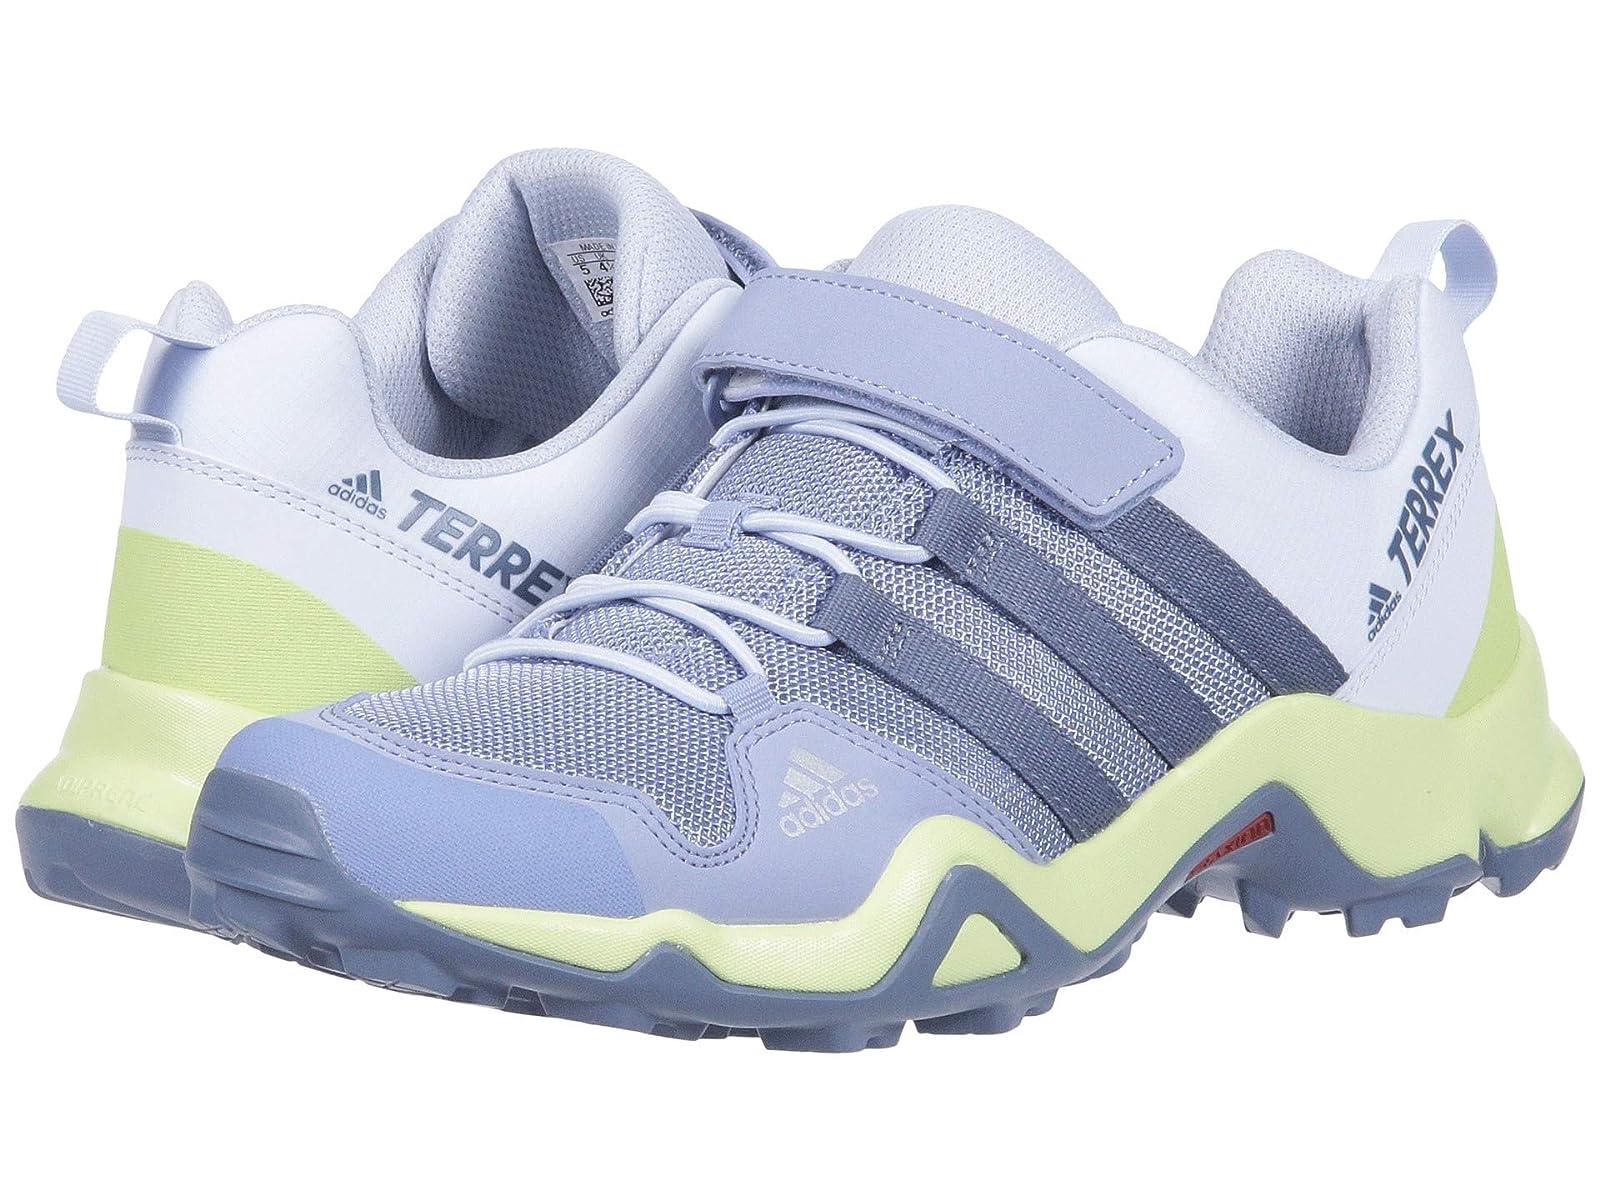 adidas CF Outdoor Kids Terrex AX2R CF adidas (Little Kid/Big Kid) 25604d